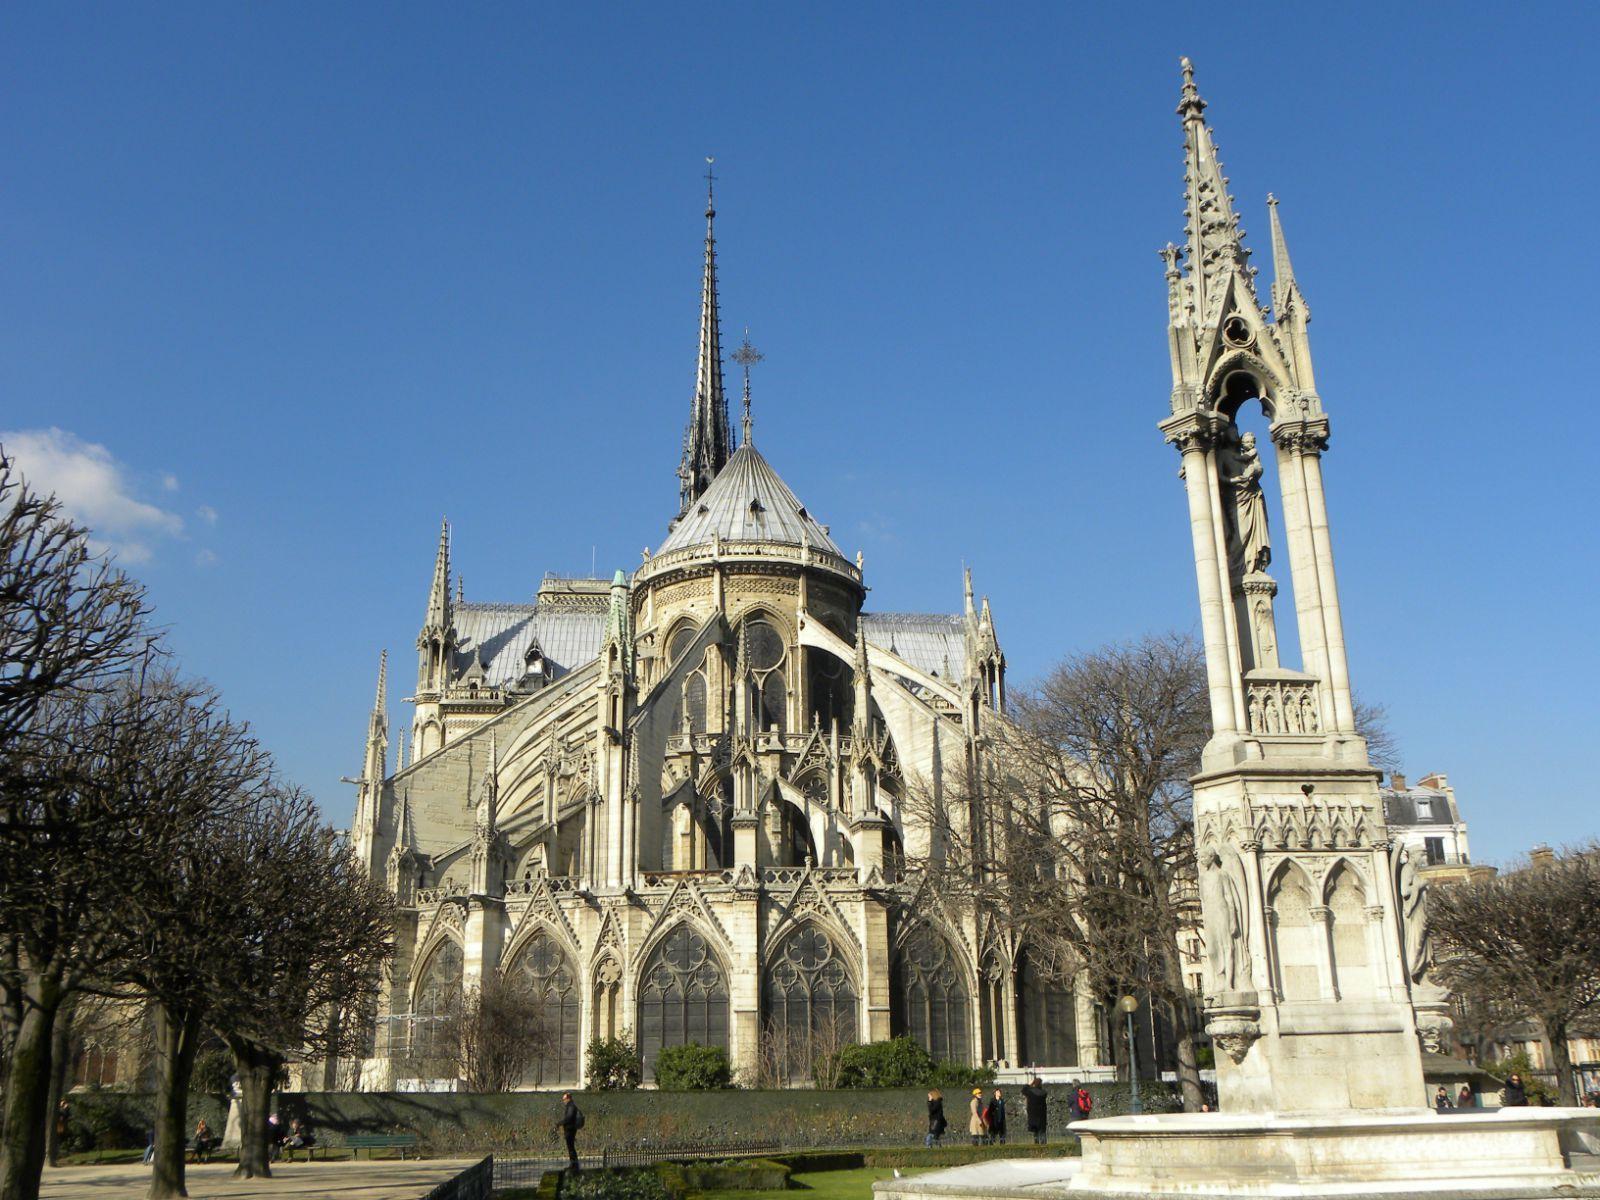 巴黎塞纳河水上餐厅_巴黎圣母院值得去吗-枫丹白露值得去吗|巴黎深度游值得玩吗 ...